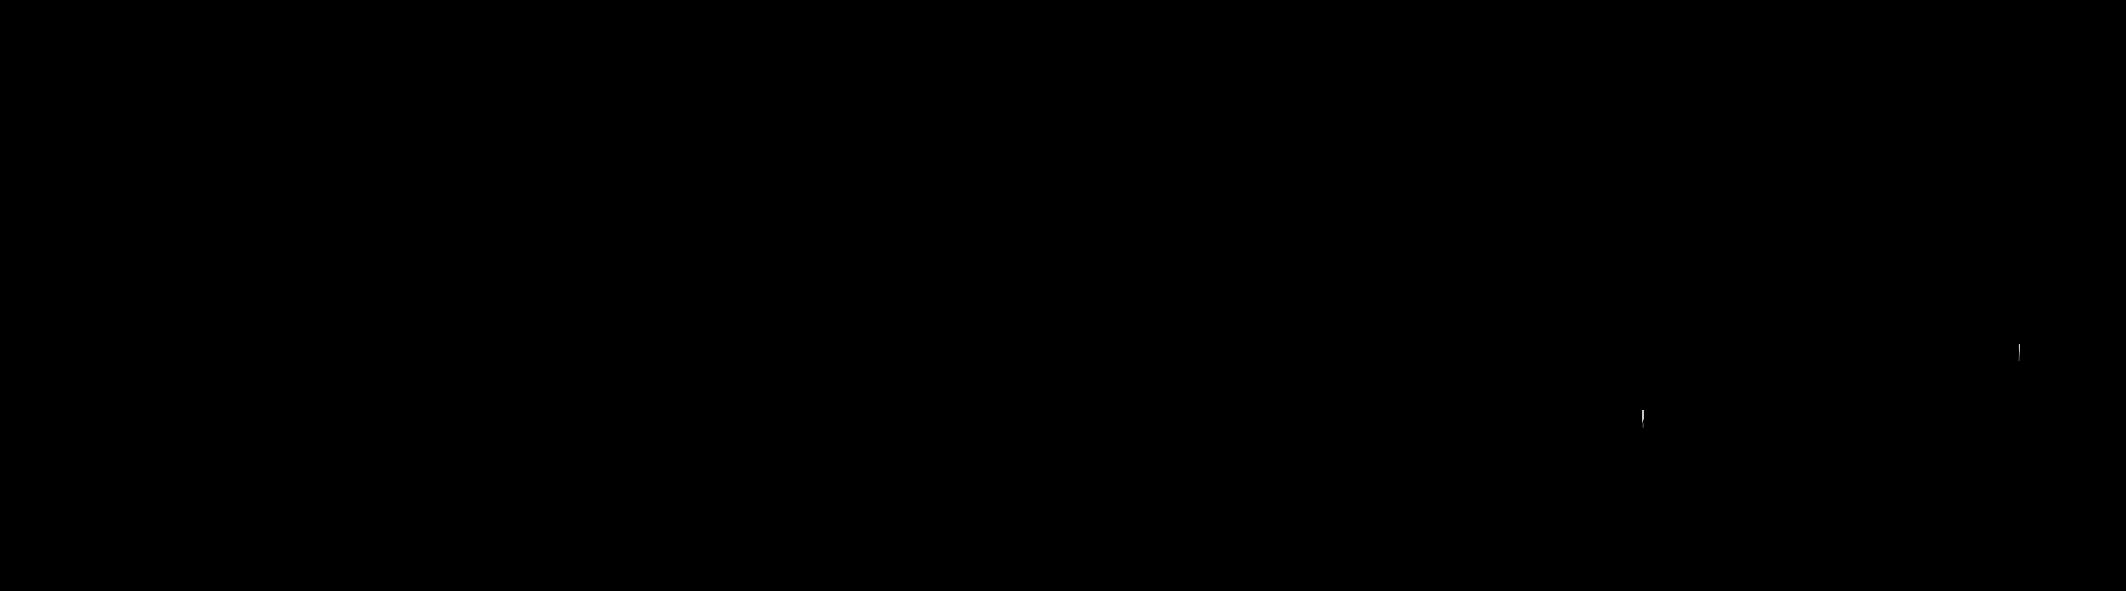 AT4C 1faz